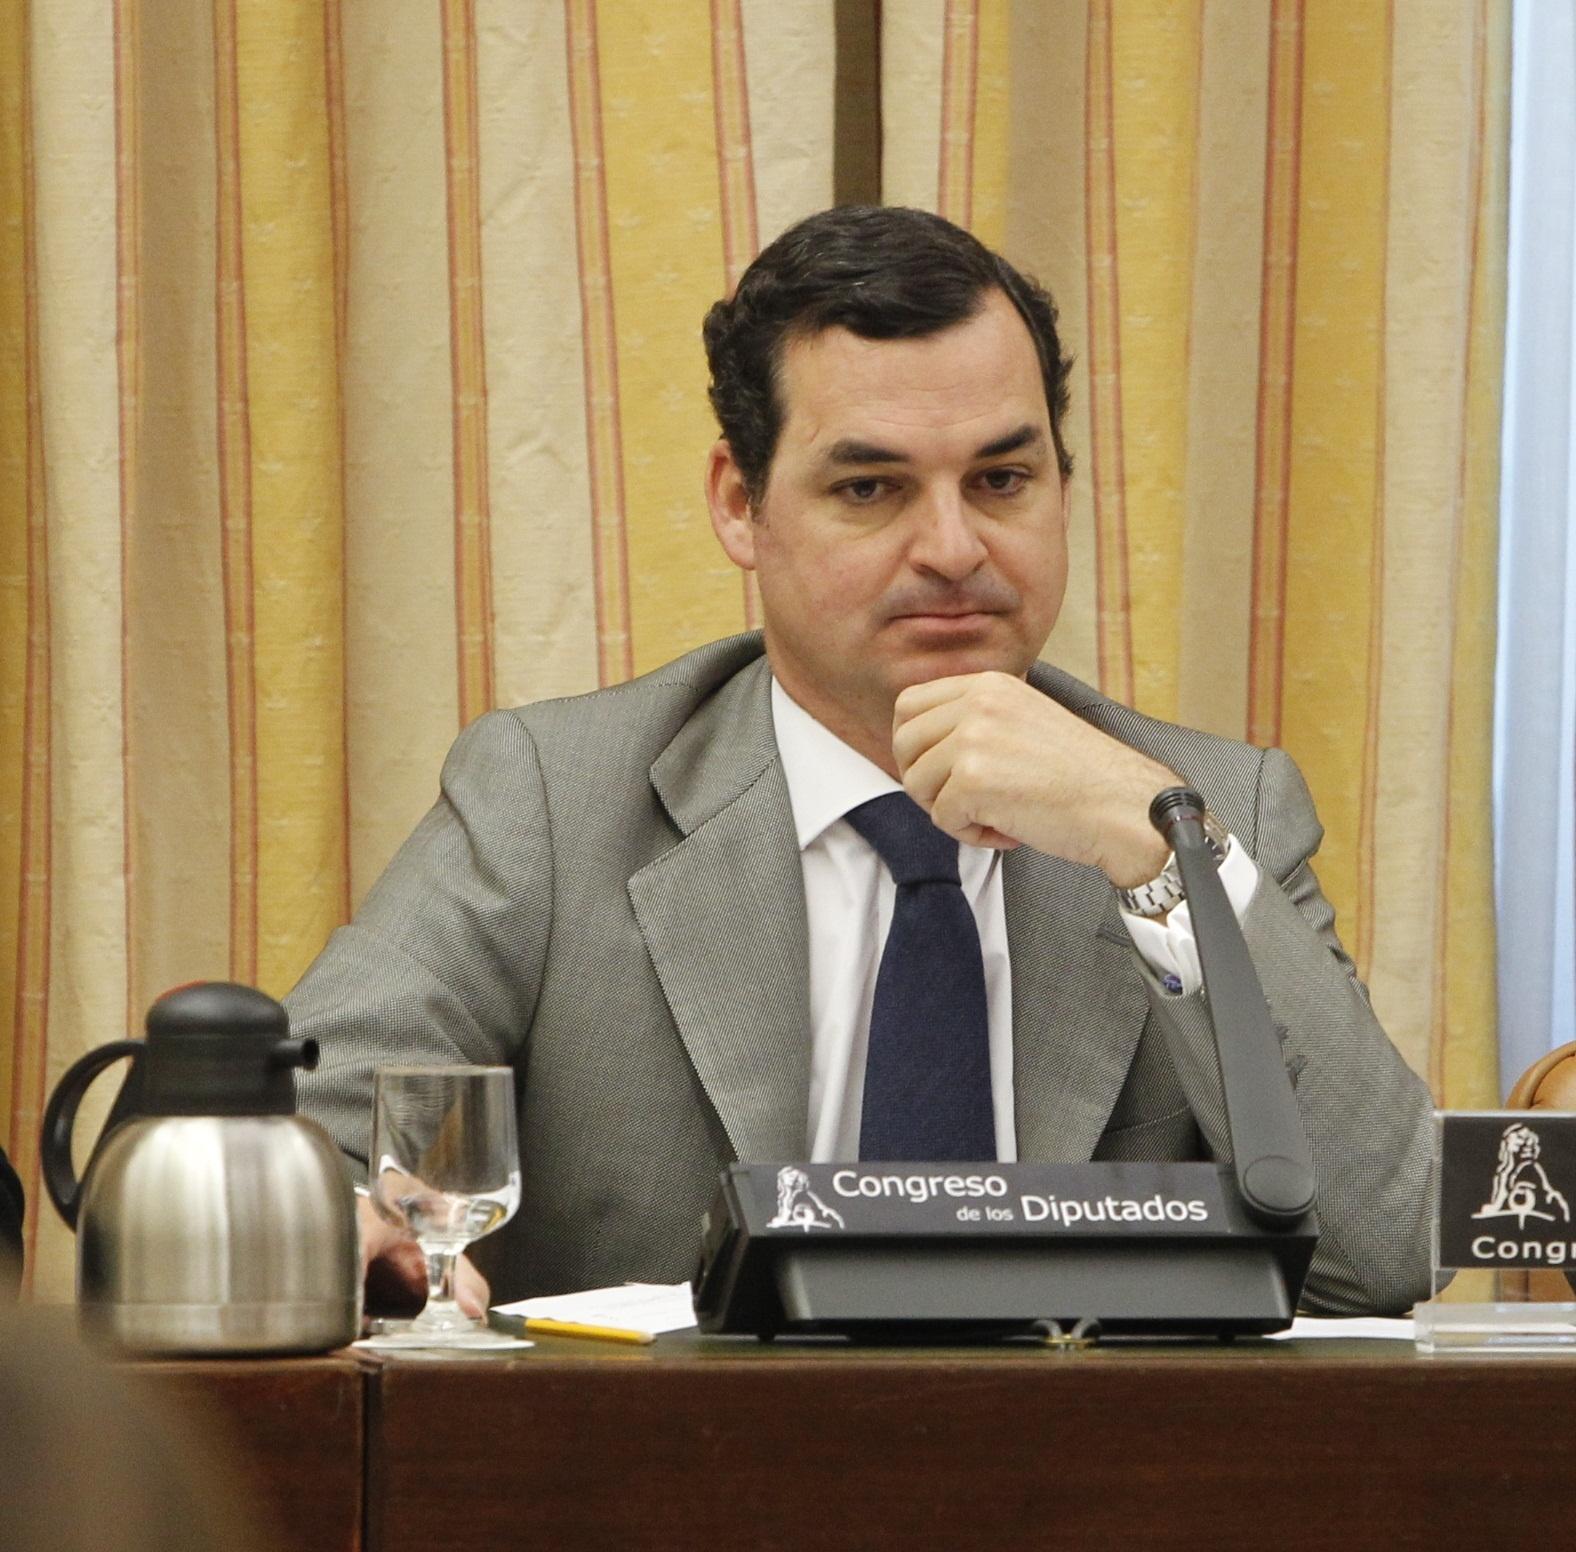 RTVE calcula una reducción del 15% en las retribuciones a tertulianos de TVE y RNE para 2013